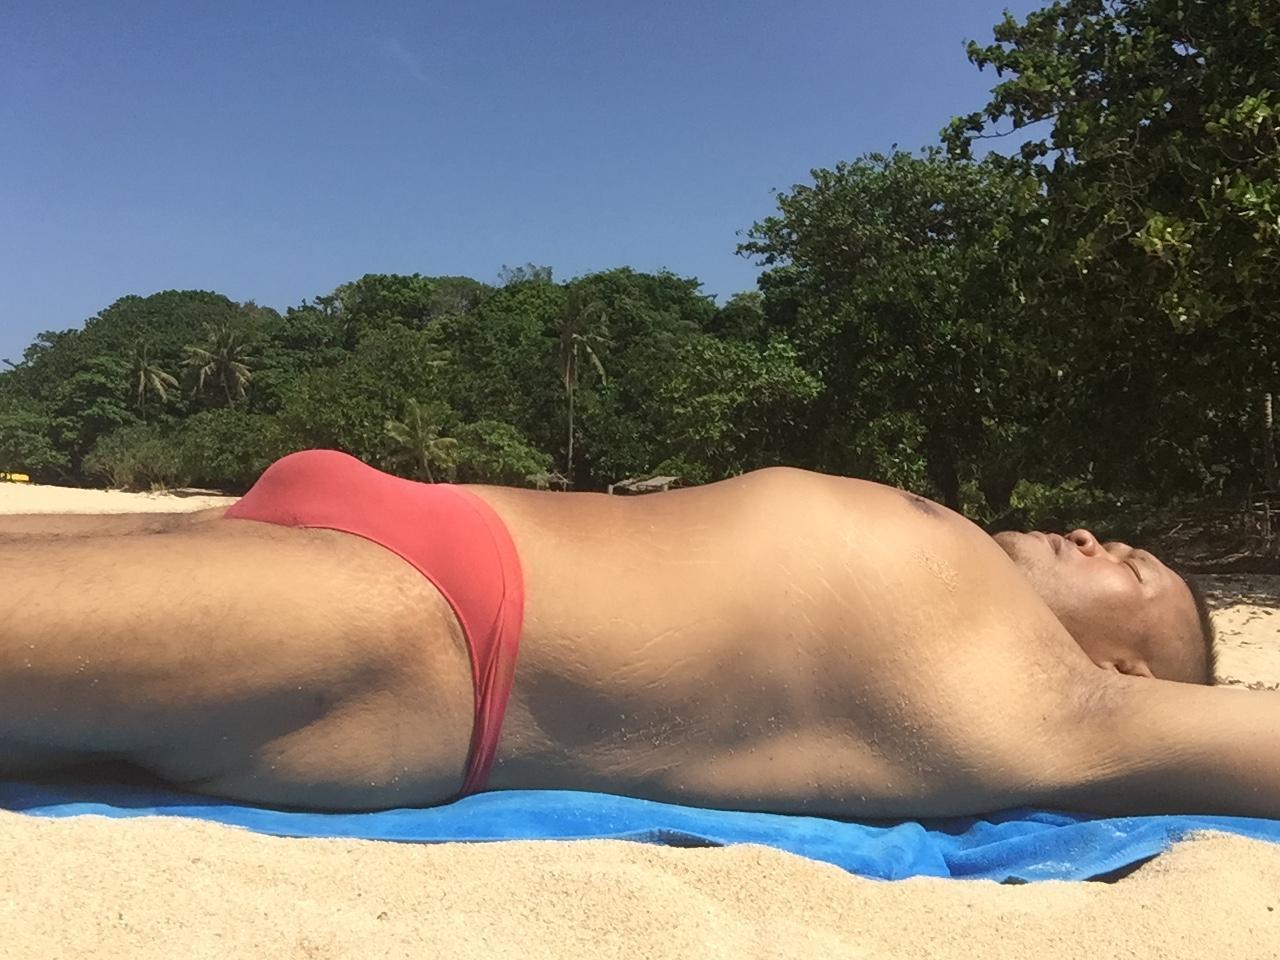 Bikini sun bather (33/218)